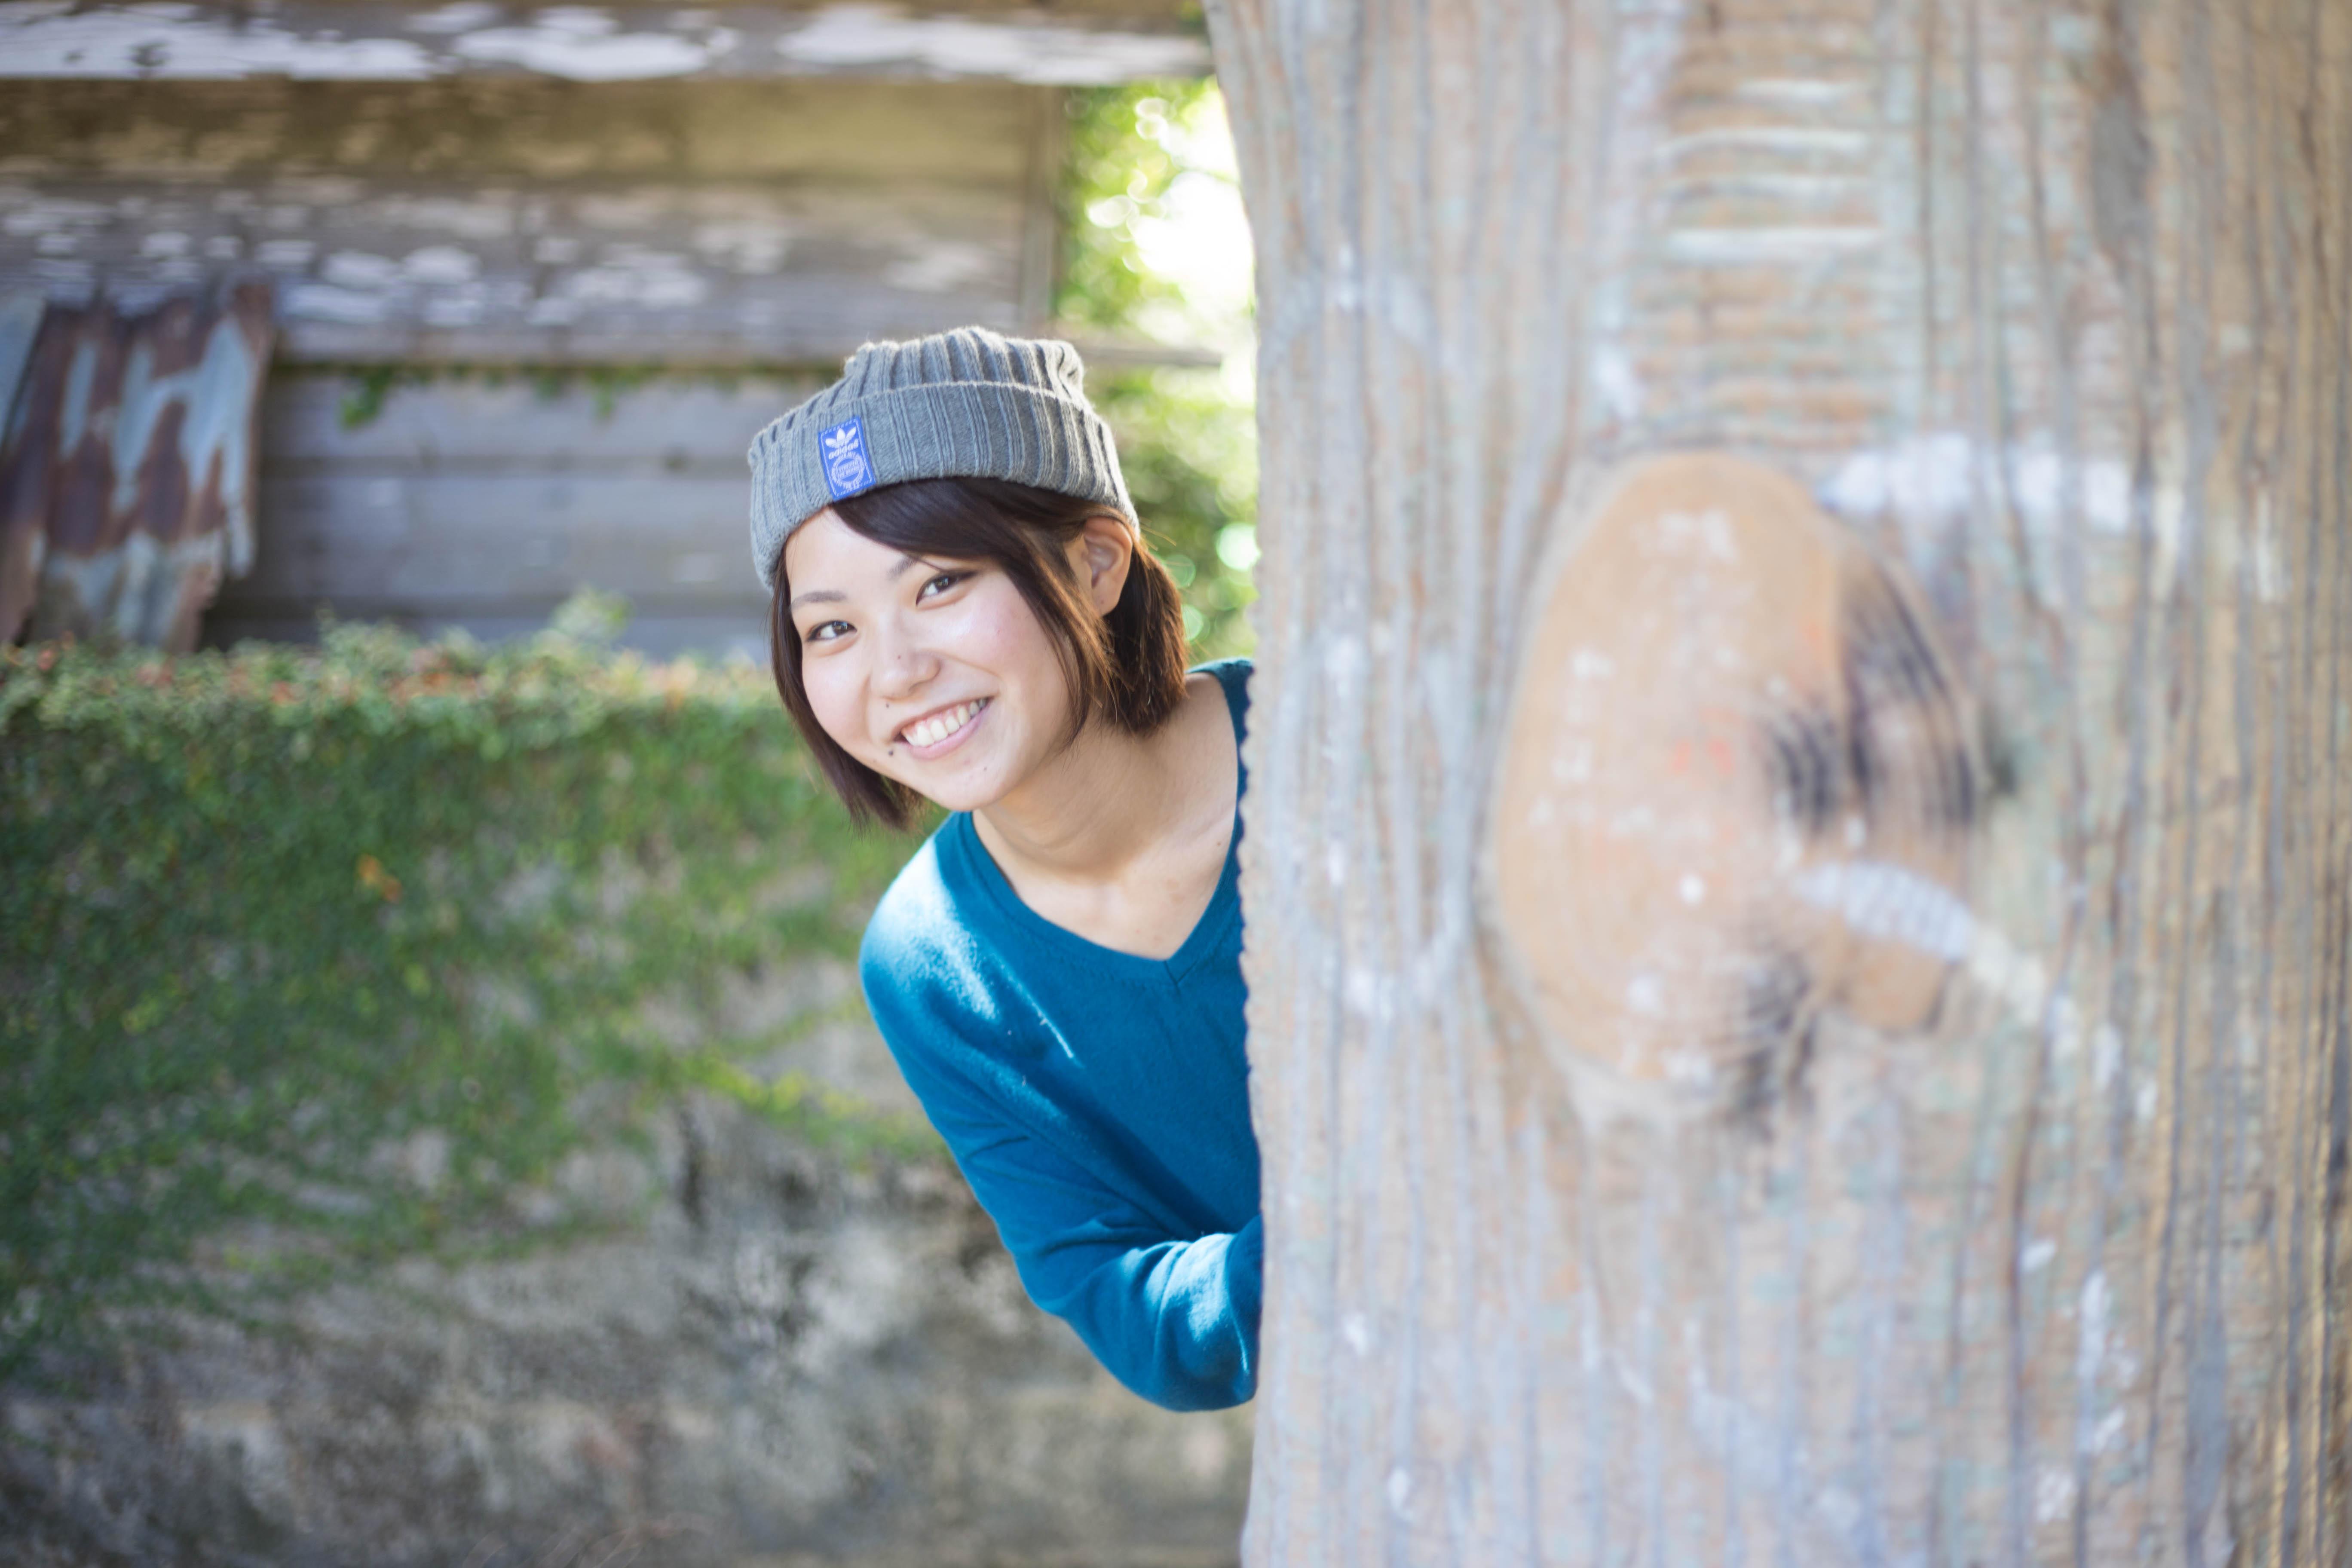 【特集】見なきゃ損!? 沖縄美人たちの写真たち